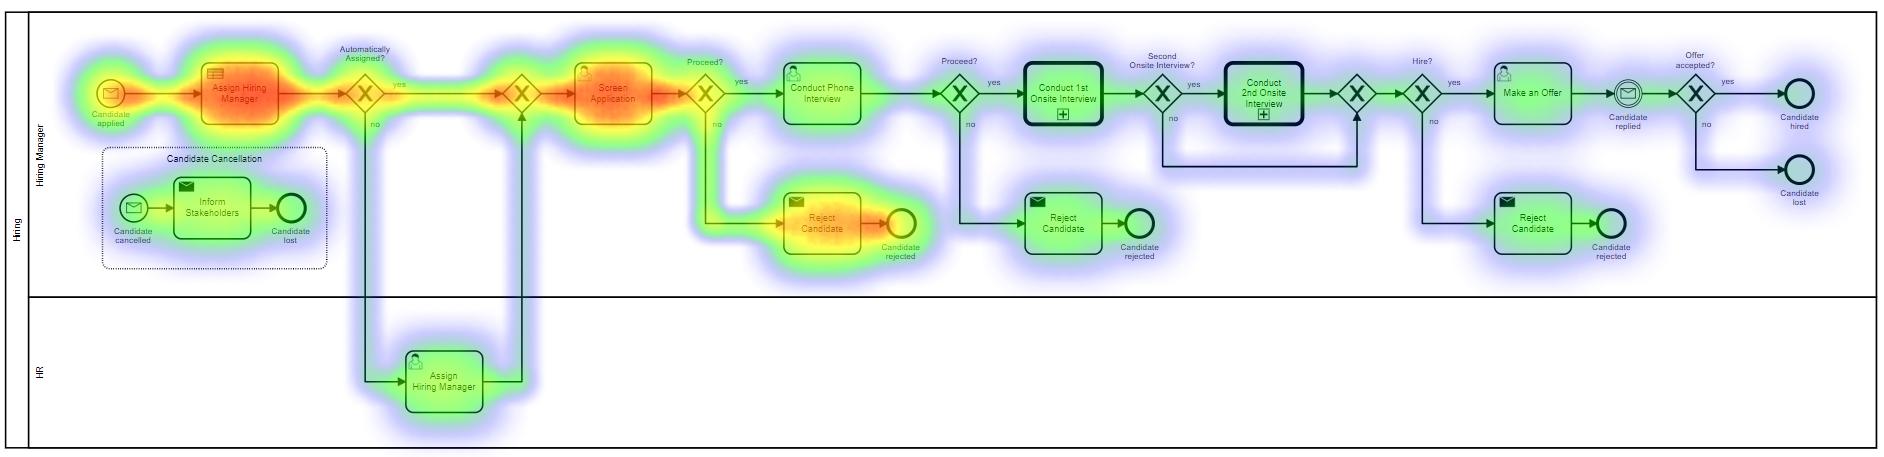 zeebe-workflow-heatmap